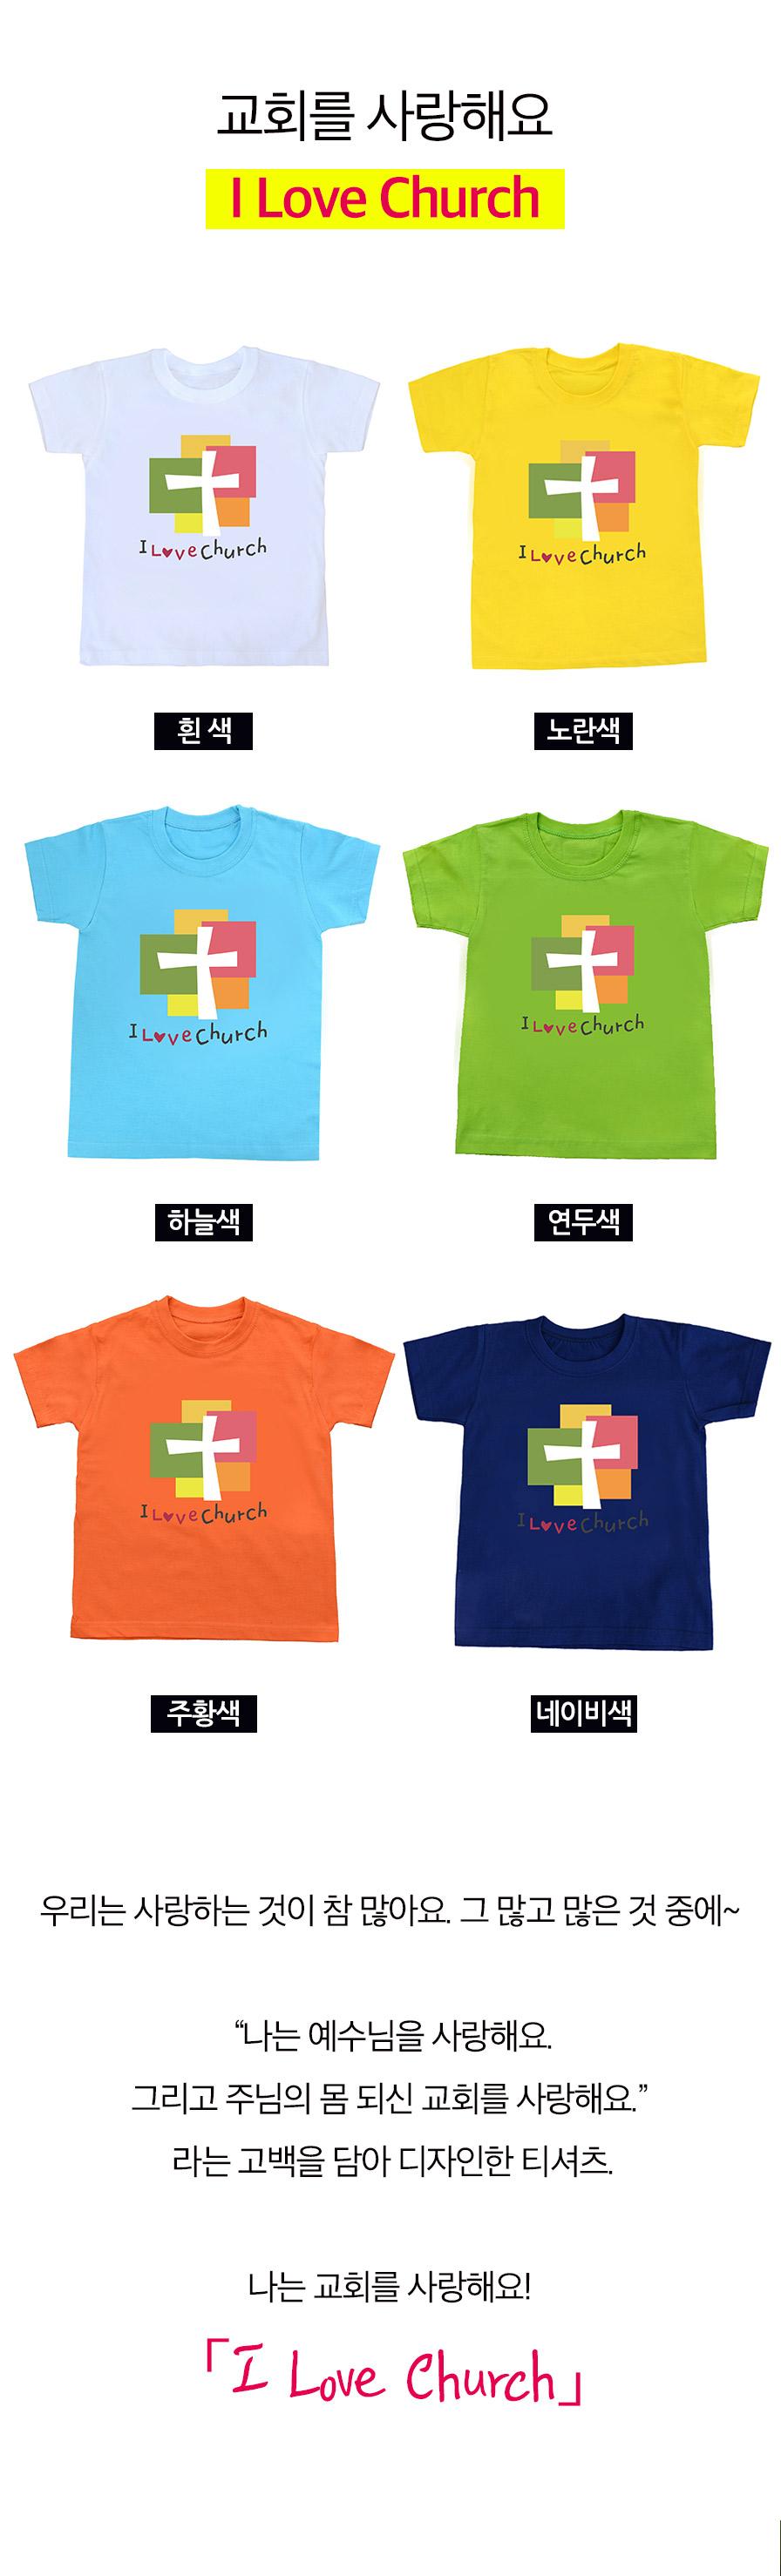 단체티셔츠 I love Church 나는 교회를 사랑합니다 티셔츠 색상 style=